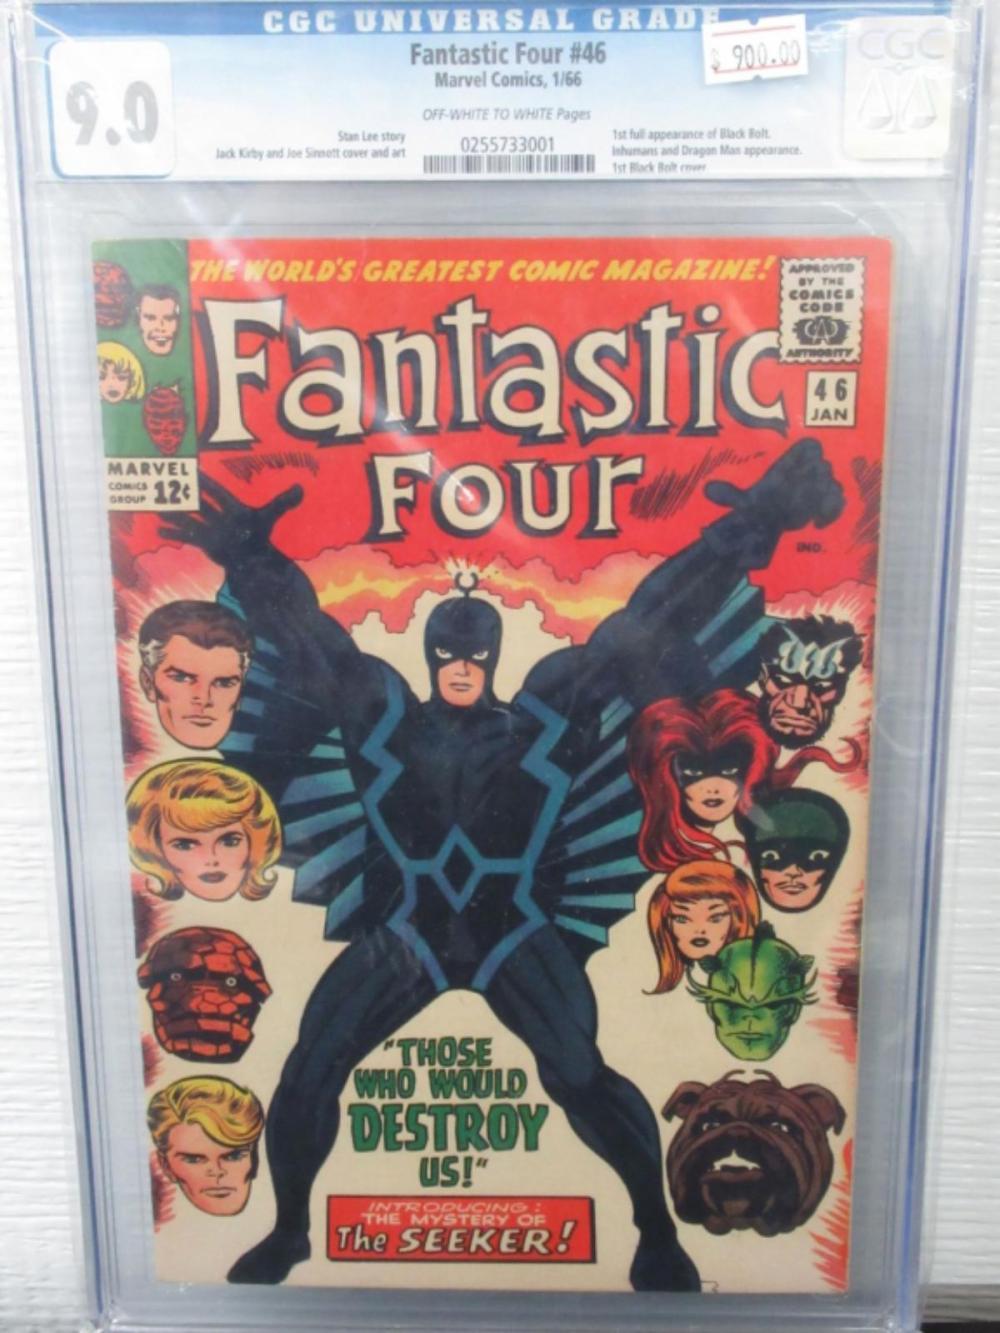 Fantastic Four #46 CGC 9.0 1st full Black Bolt